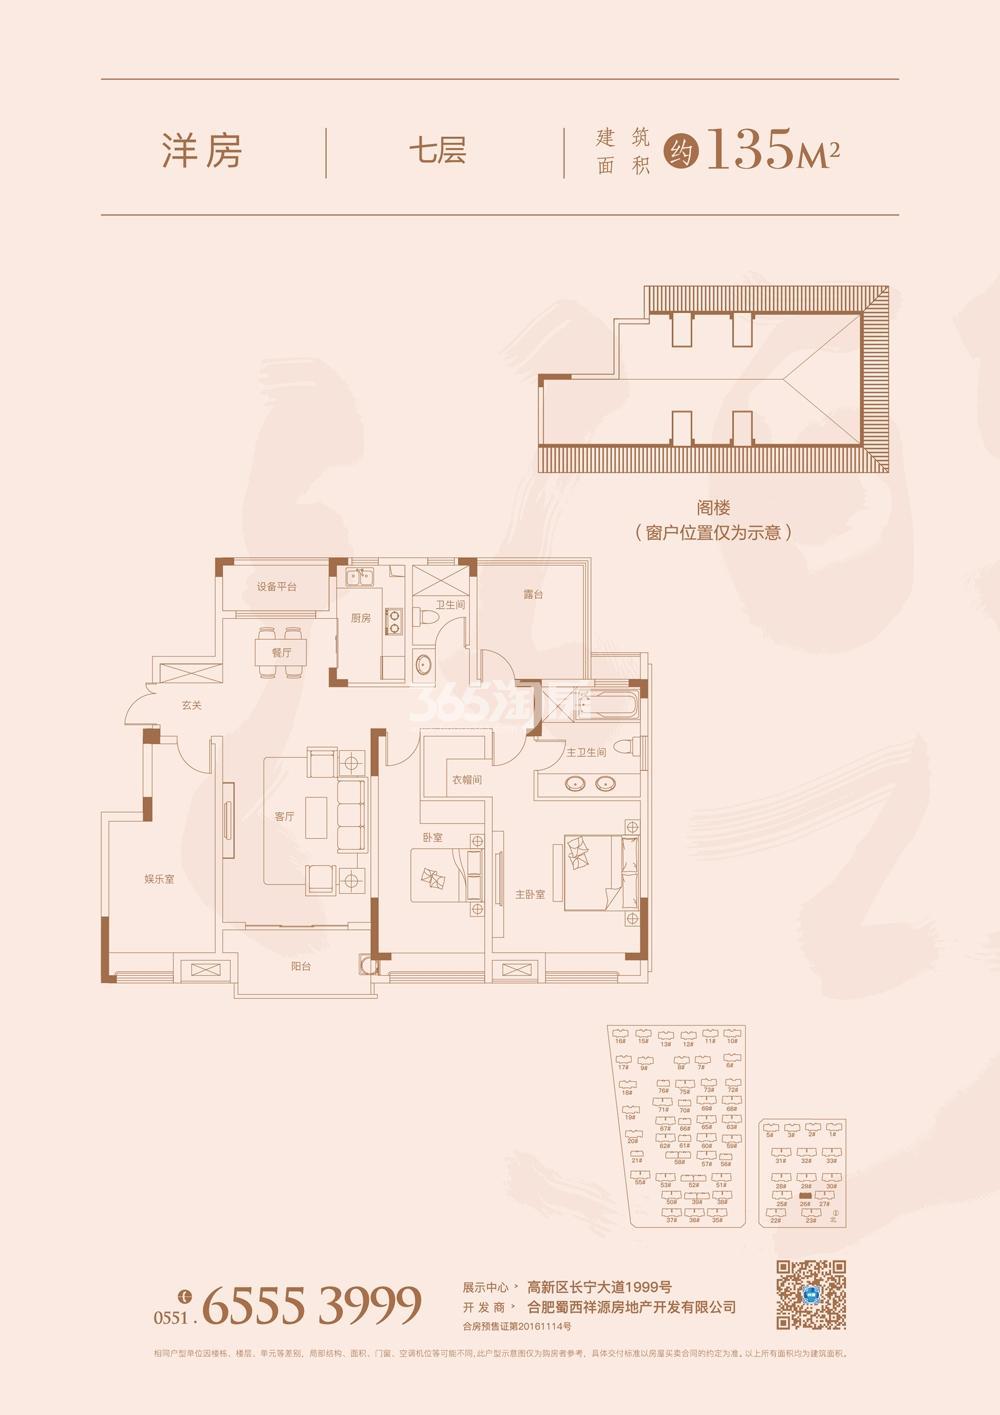 祥源金港湾26#楼135㎡洋房户型